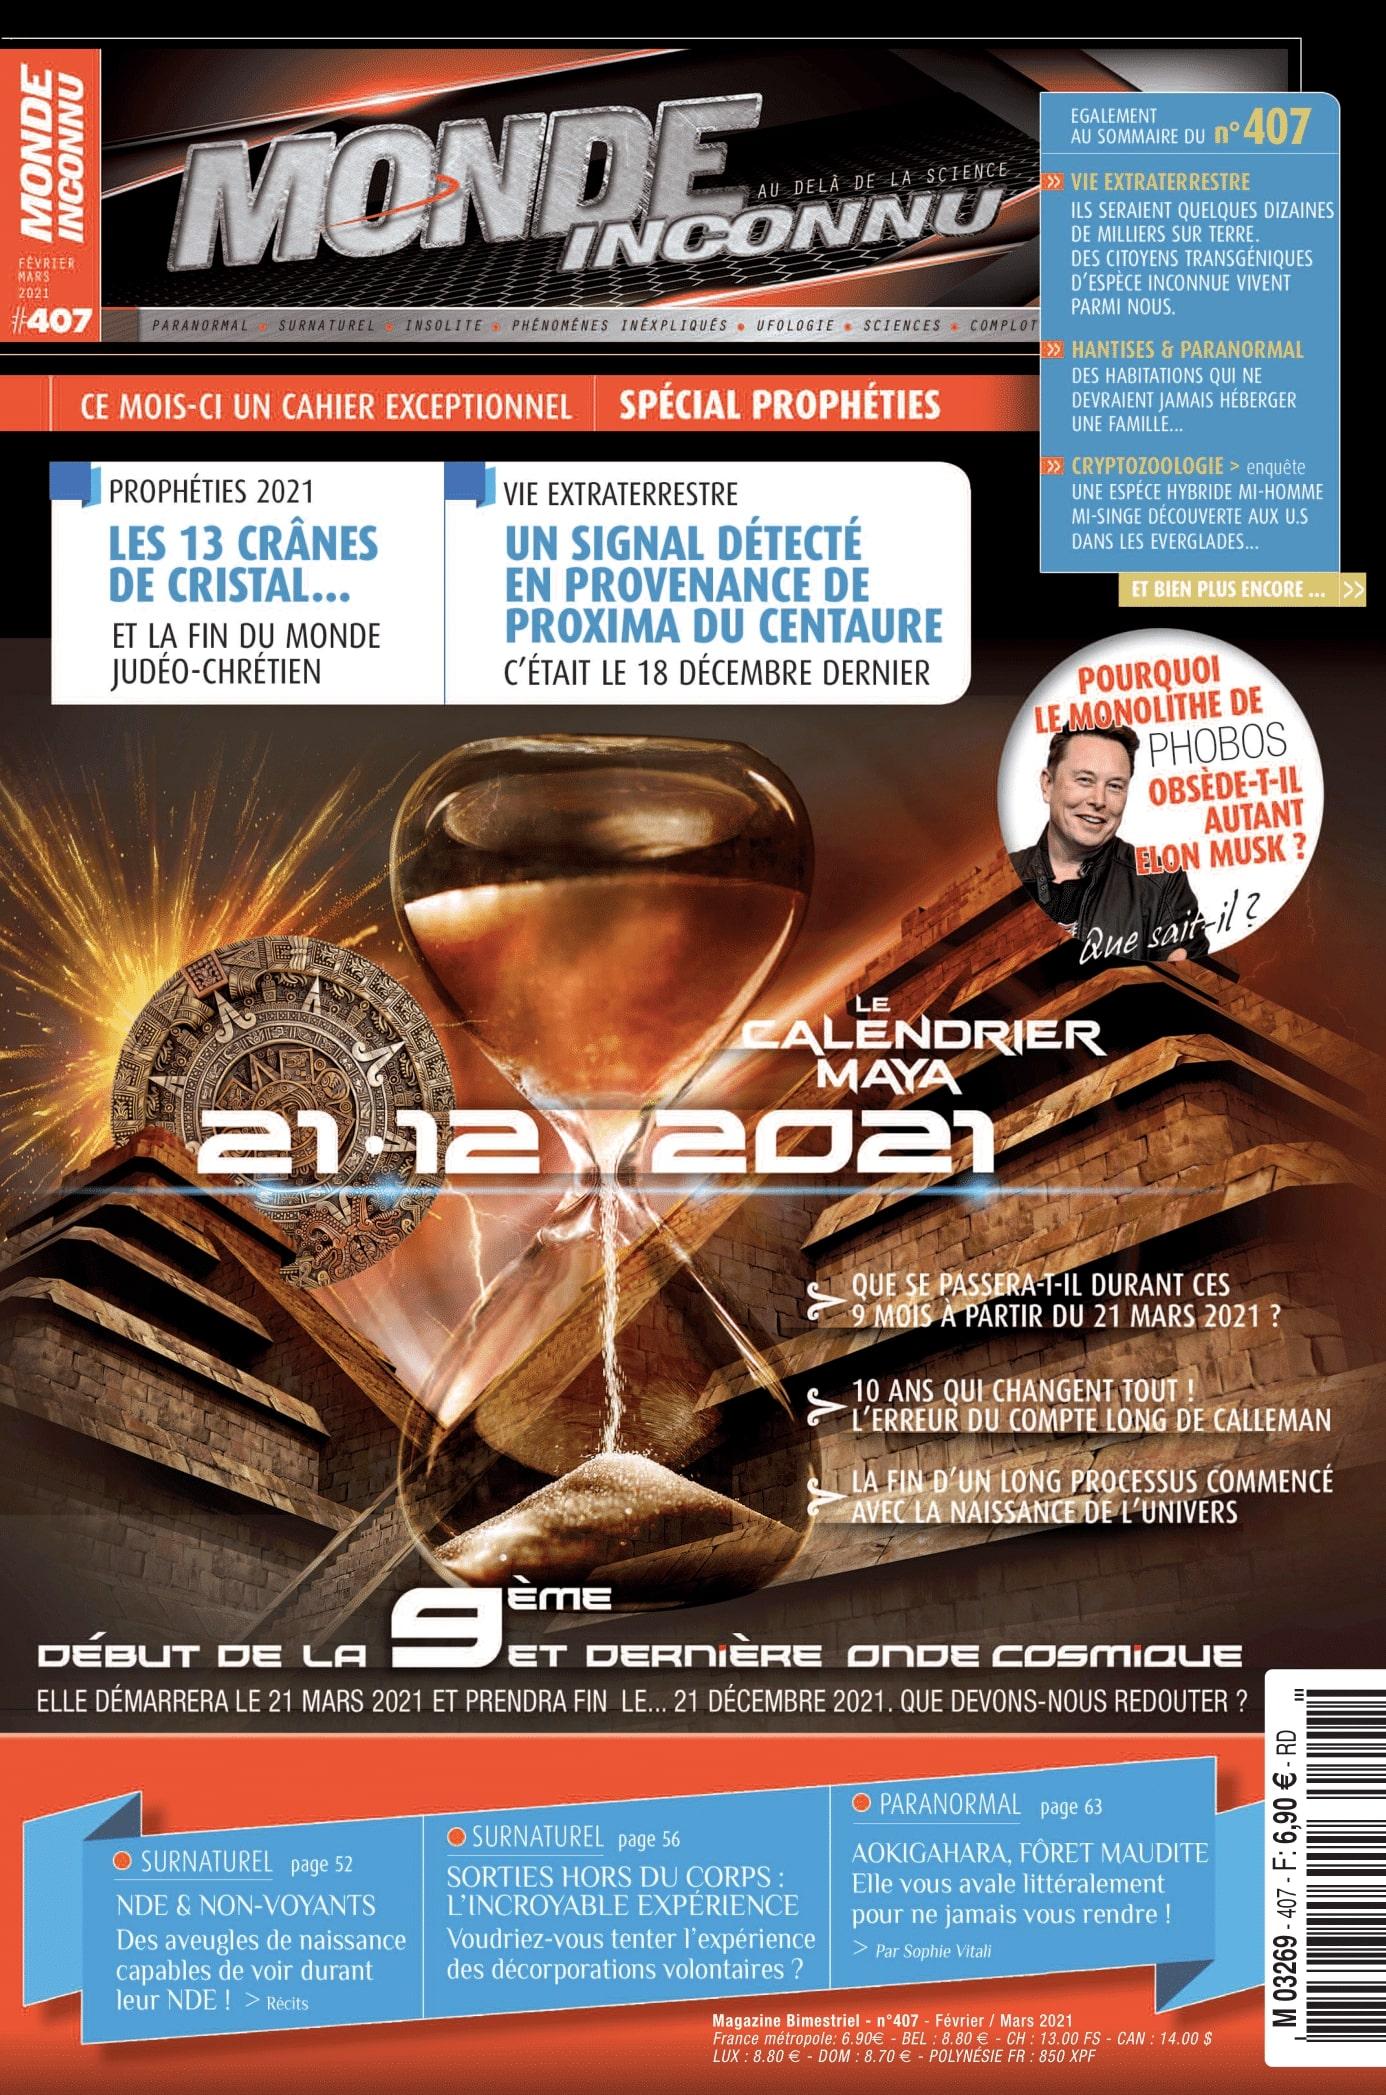 Sophie Vitali chroniqueuse presse pour le magazine Monde Inconnu février 2021 / Infinità Corse Voyance